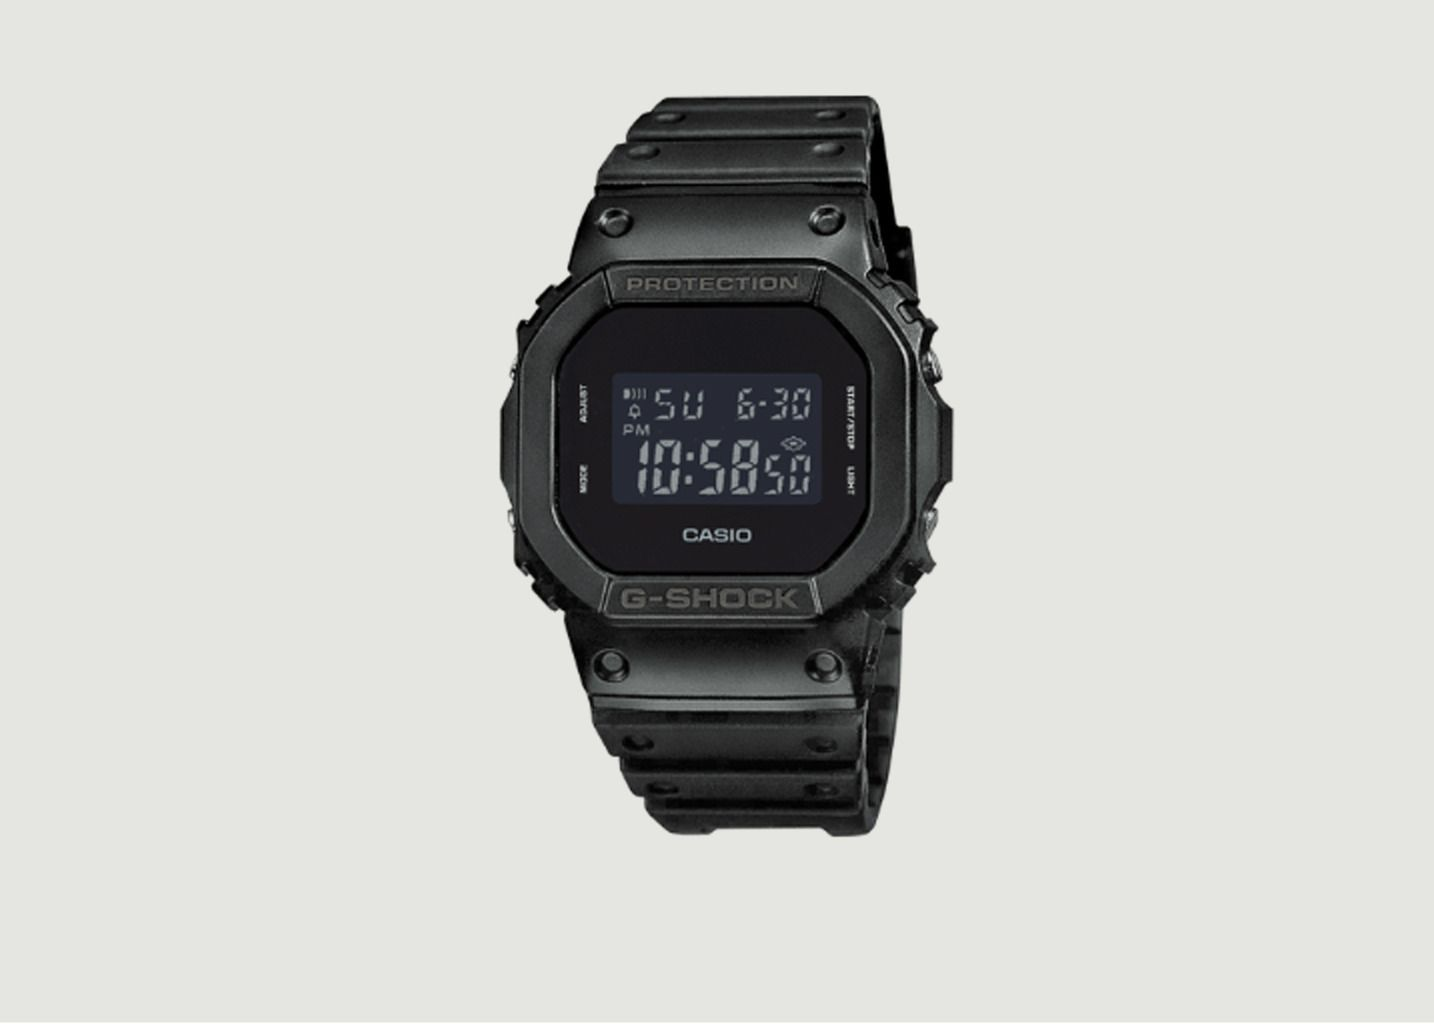 Montre G-SHOCK The Origin DW-5600BB - Casio G-SHOCK